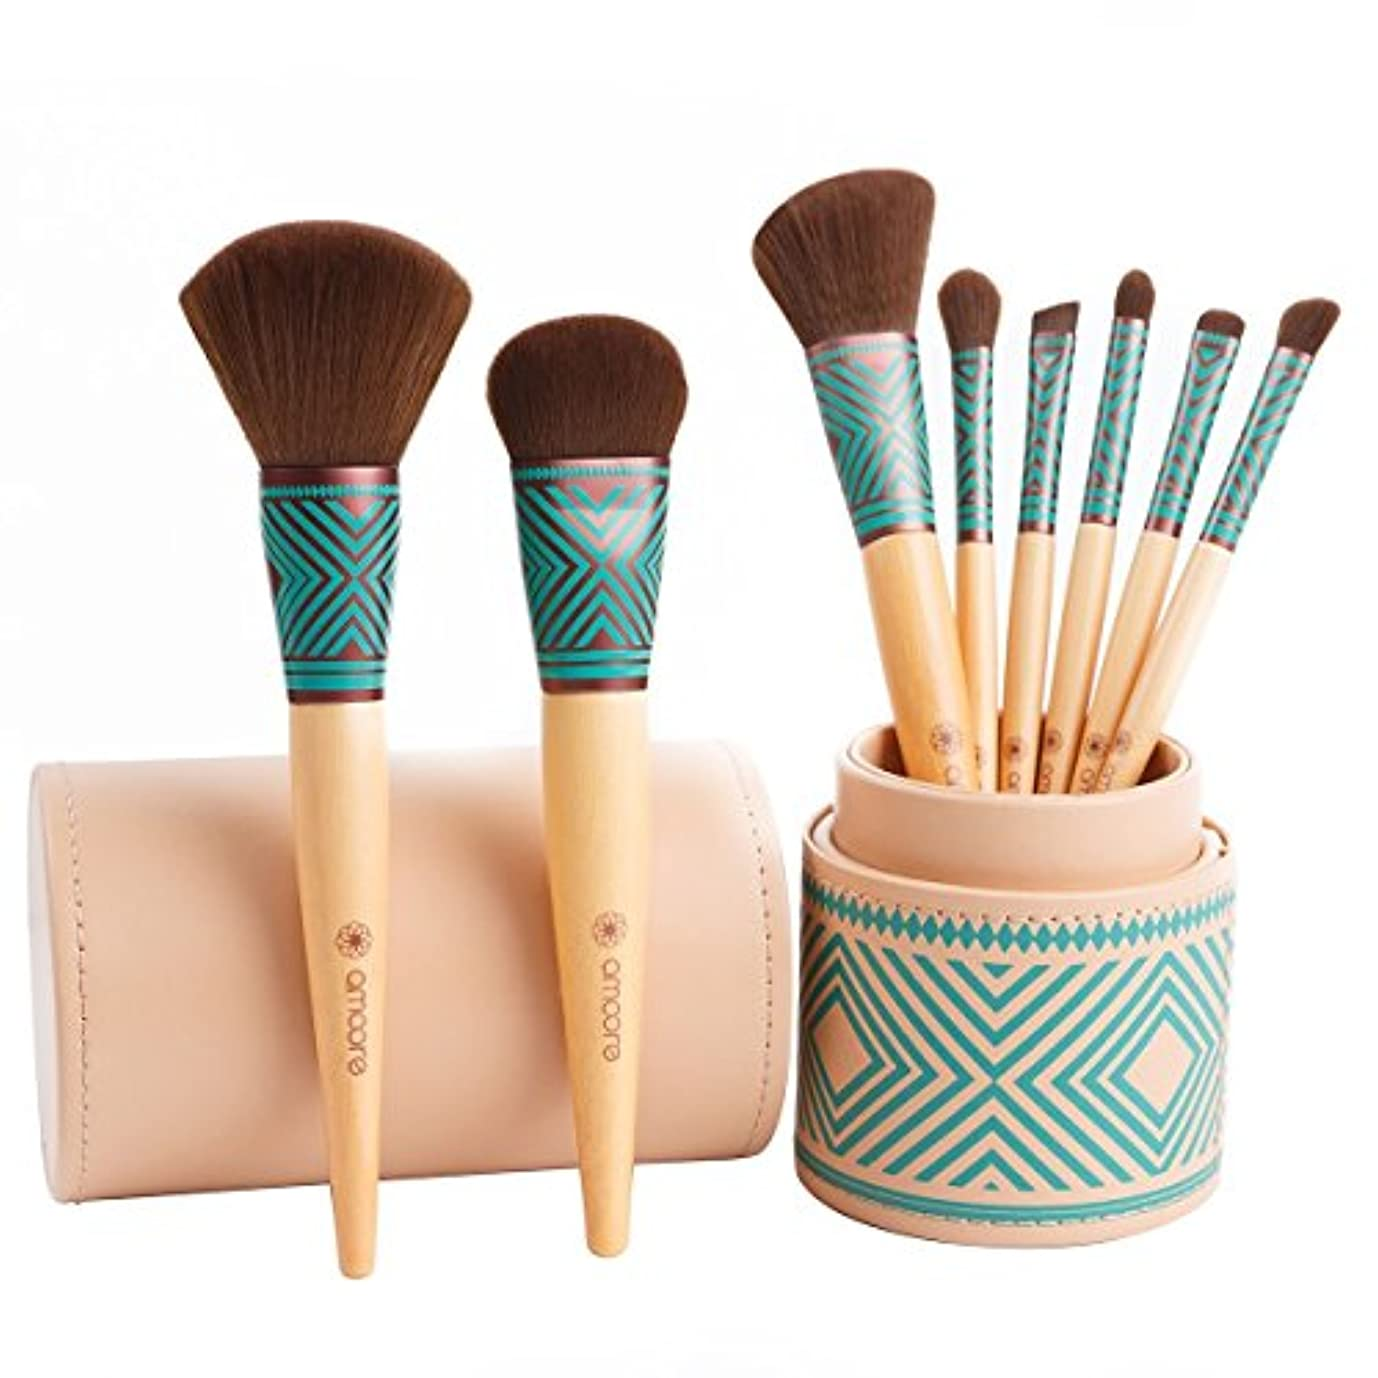 セレナウイルス拍手するamoore 8本 化粧筆 メイクブラシセット 化粧ブラシ セット コスメ ブラシ 収納ケース付き